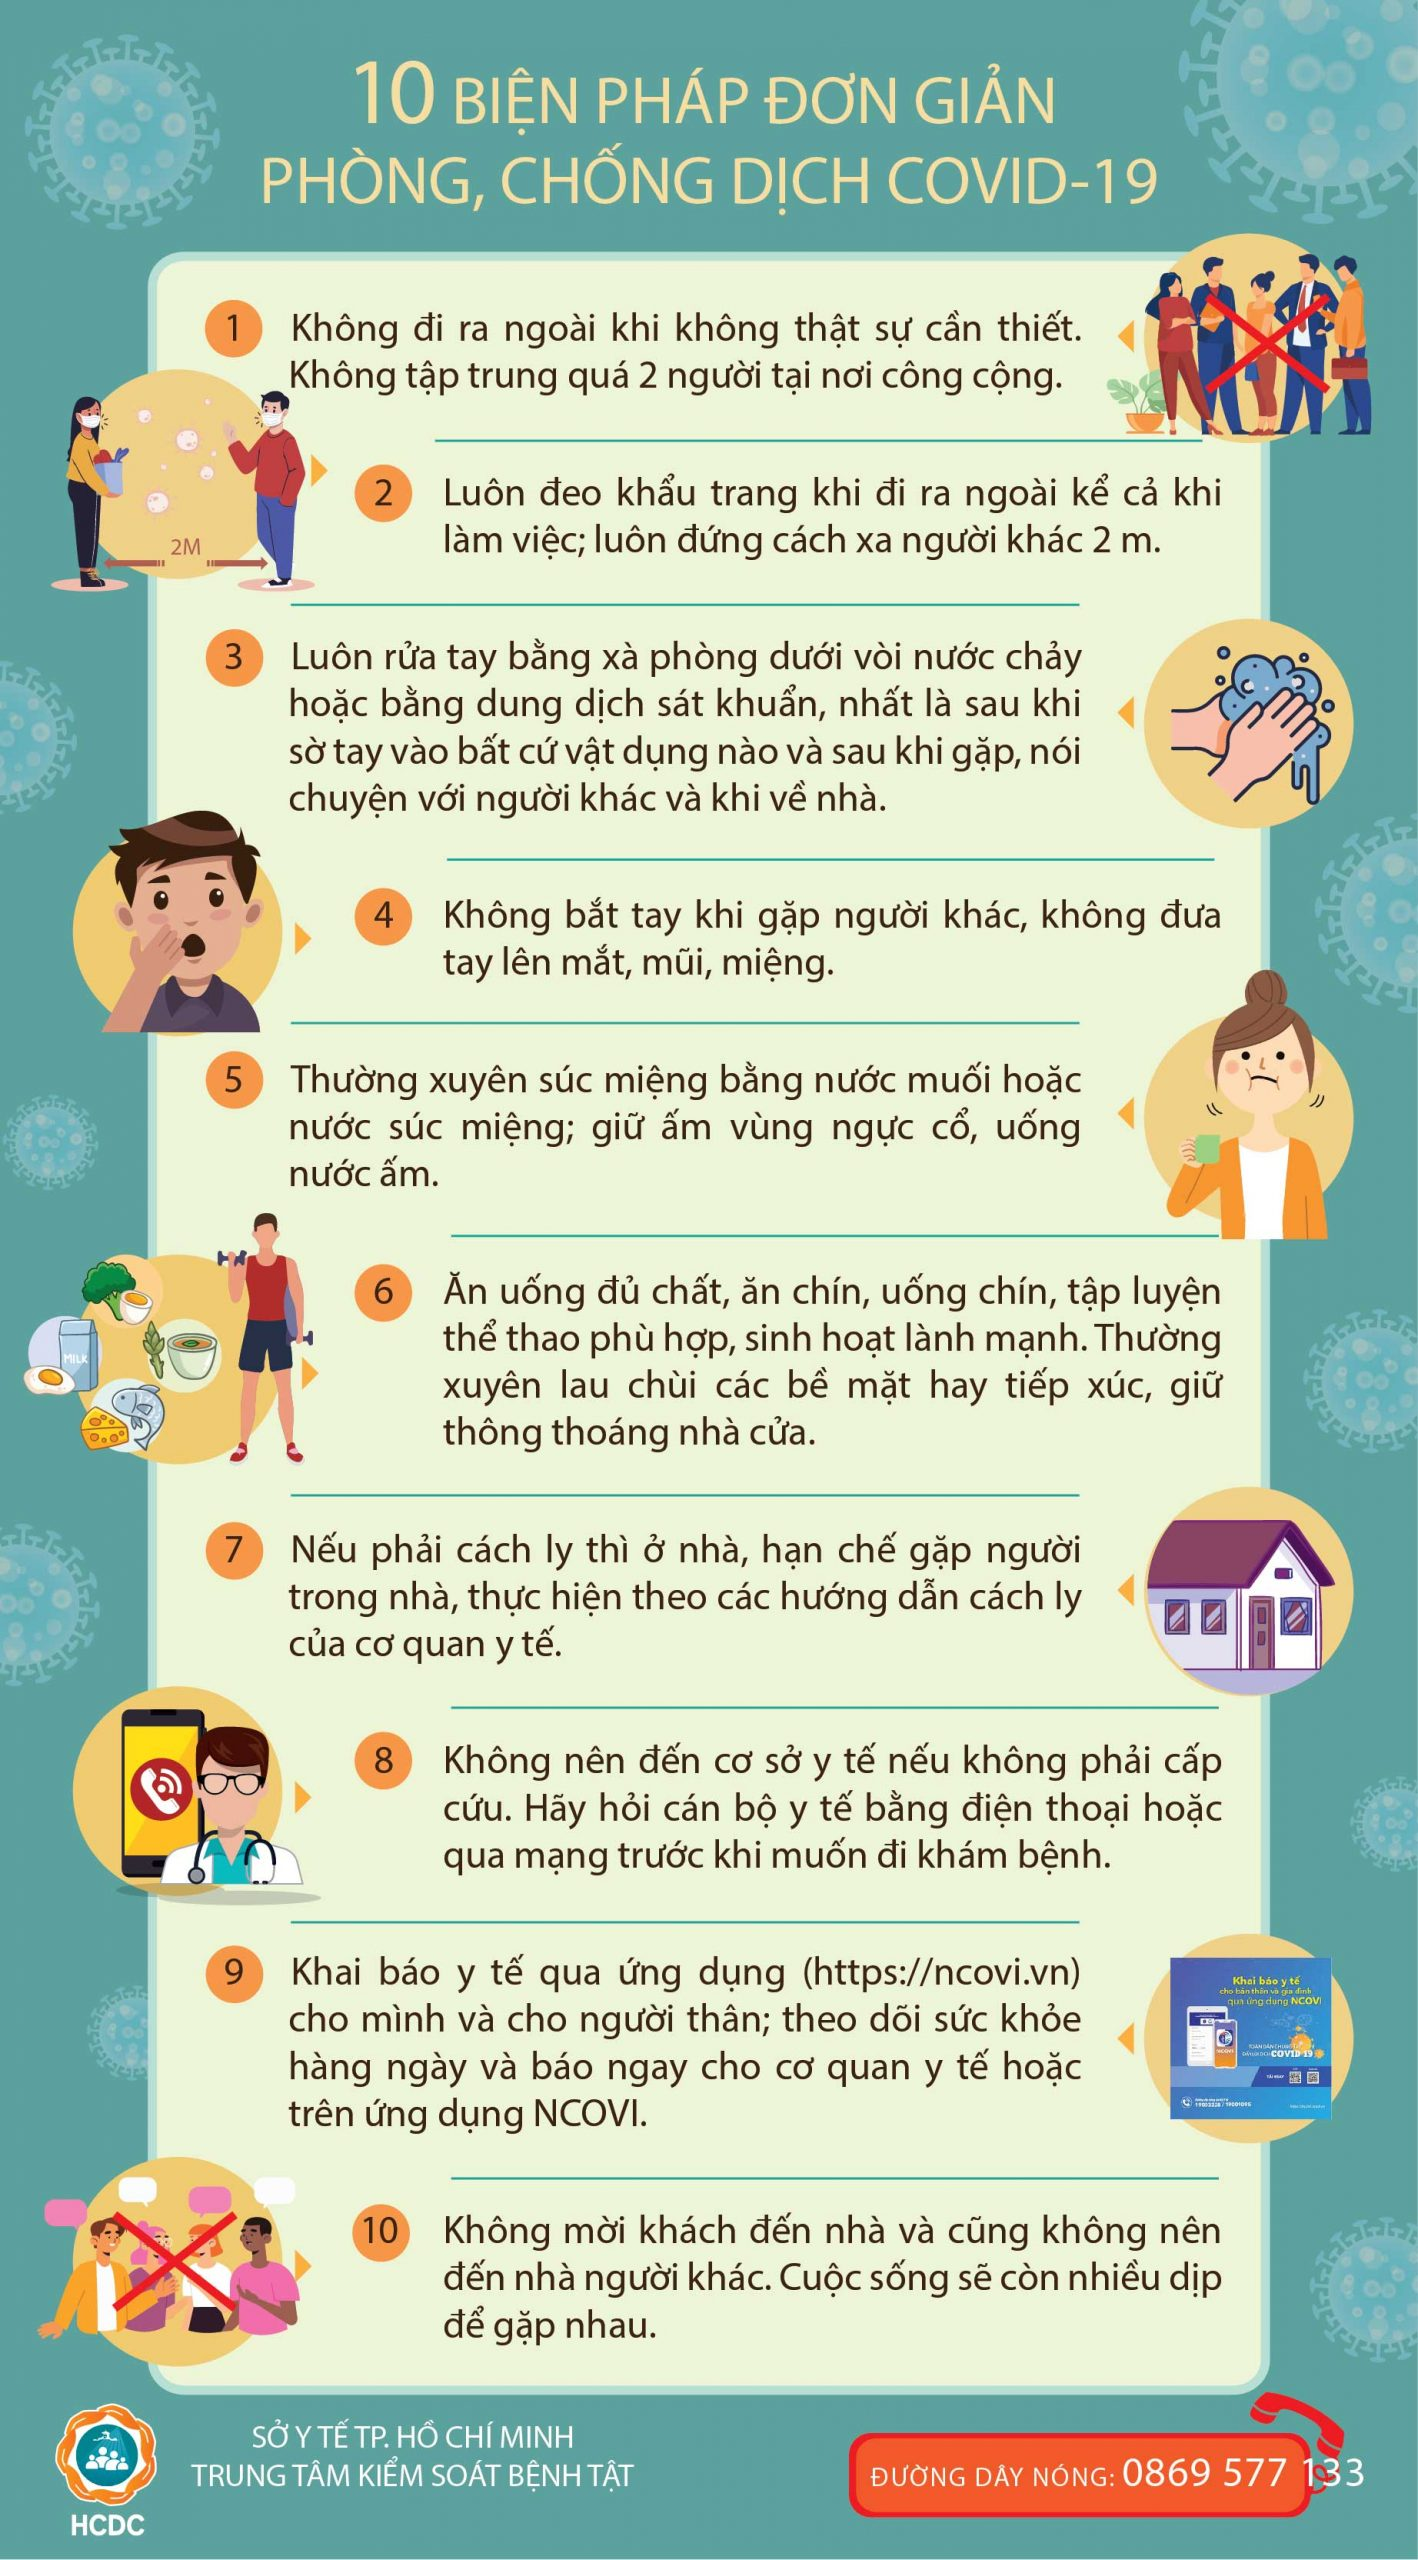 10 Biện pháp đơn giản phòng, chống dịch COVID-19 - Taimuihongsg.com